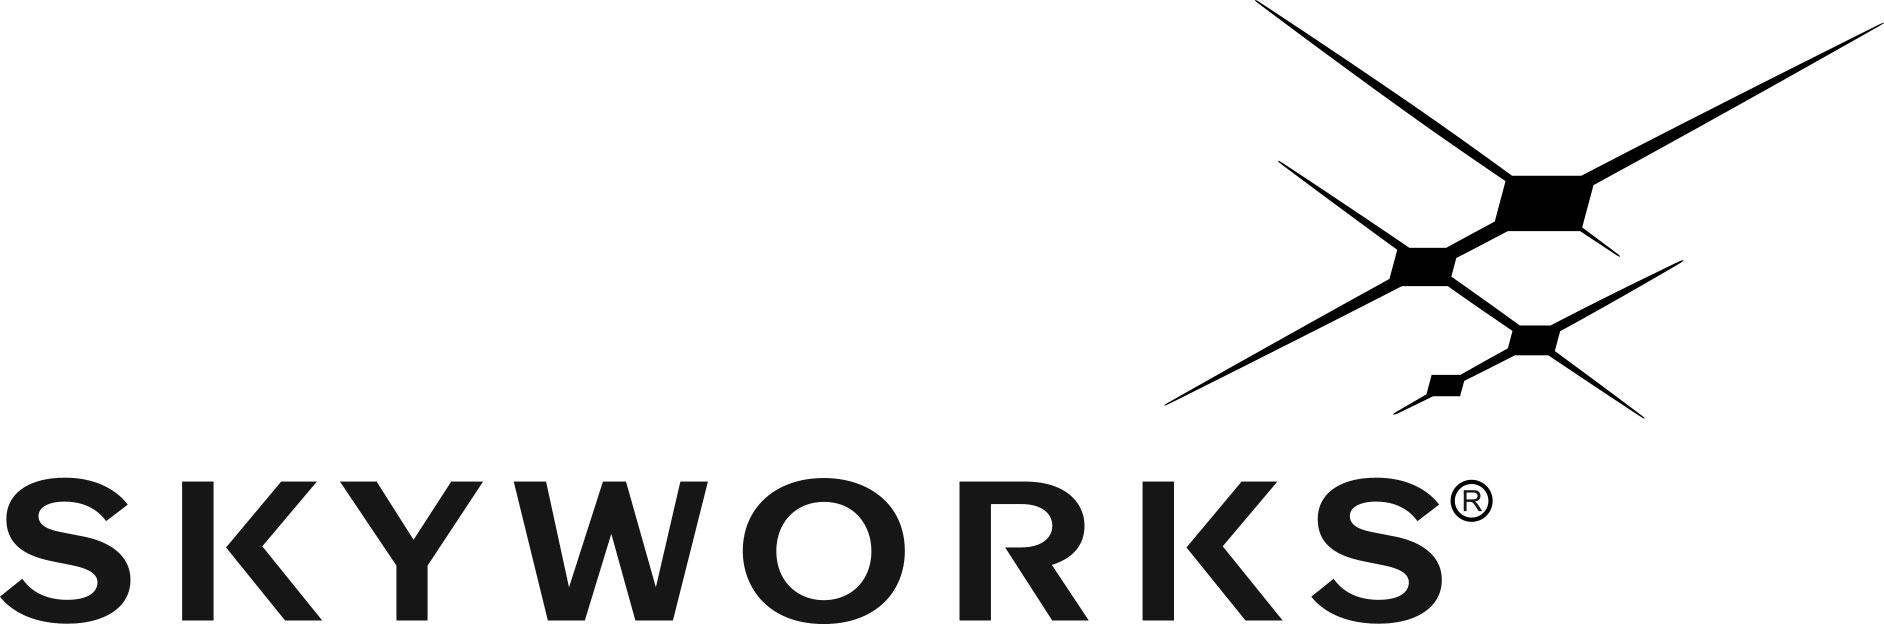 SKYWORKSLOGO_BLACK1.JPG